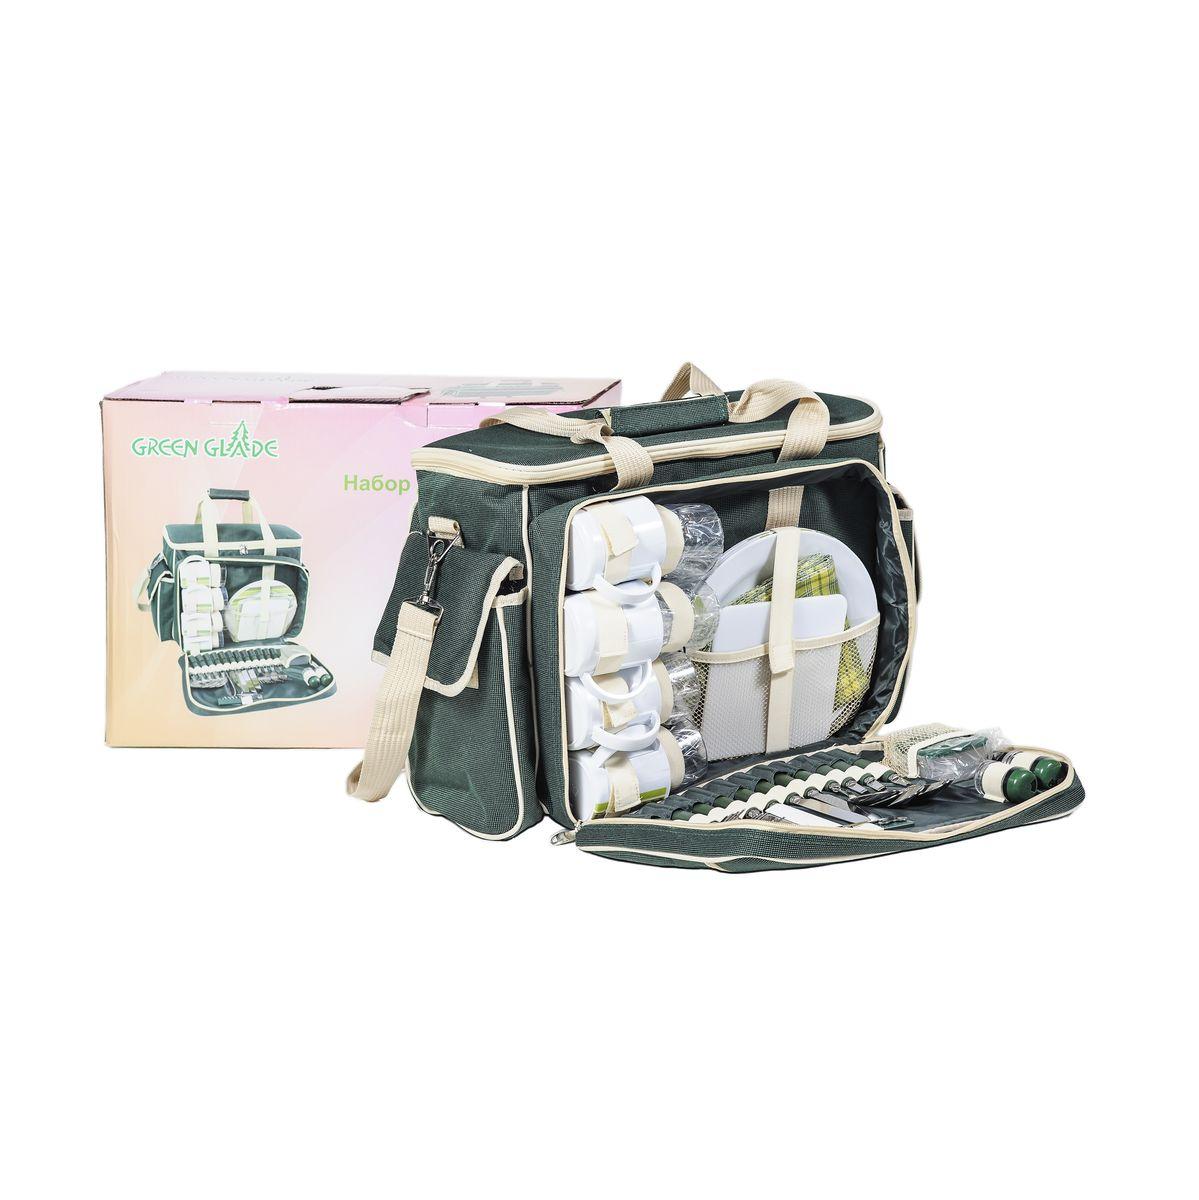 Набор для пикника Green Glade, цвет: зеленый, бежевый, на 4 персоны, 35 предметов. T3134